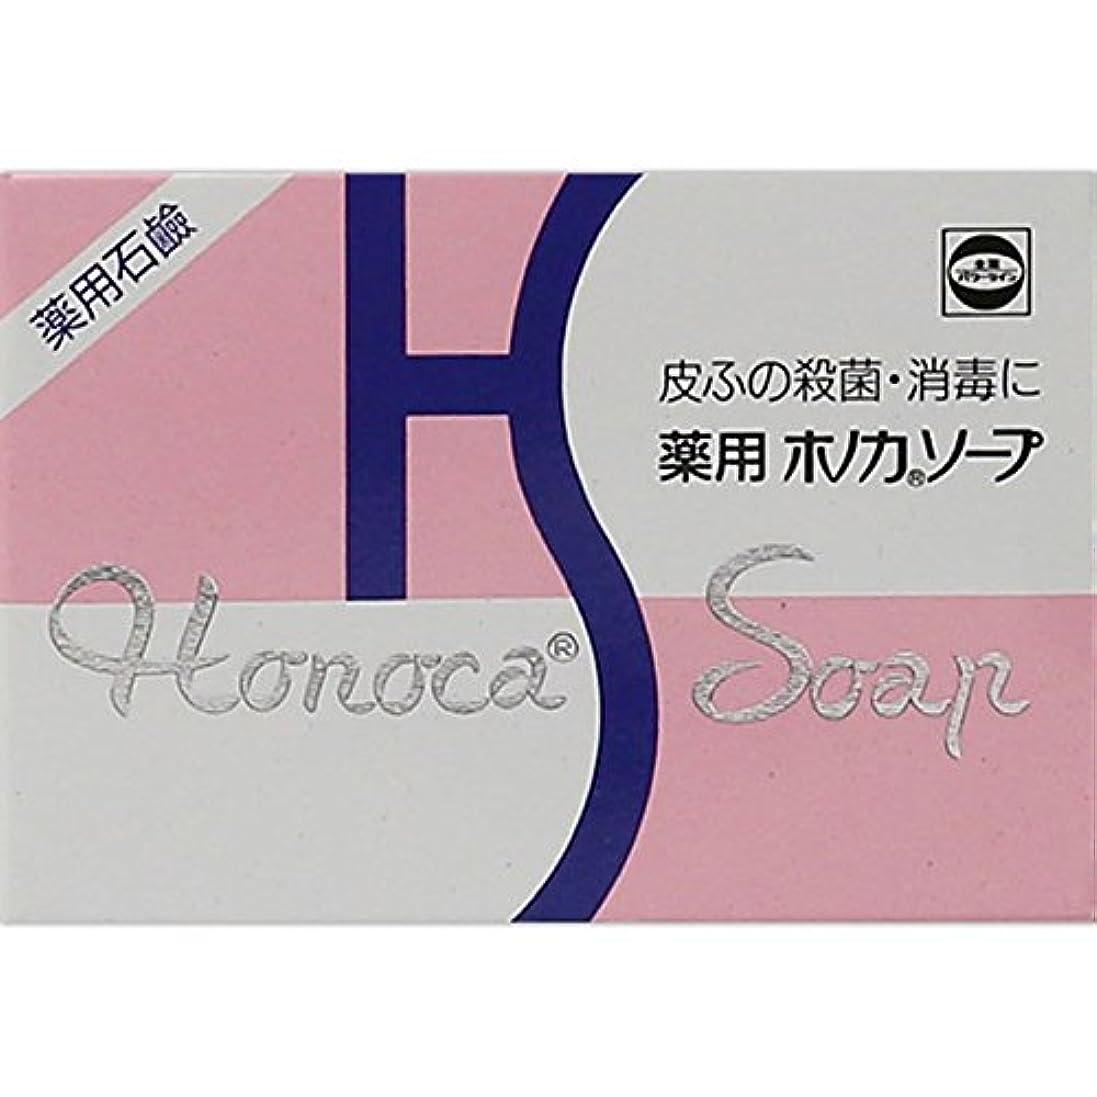 ピグマリオン確かめる望む薬用ホノカソープ 80g